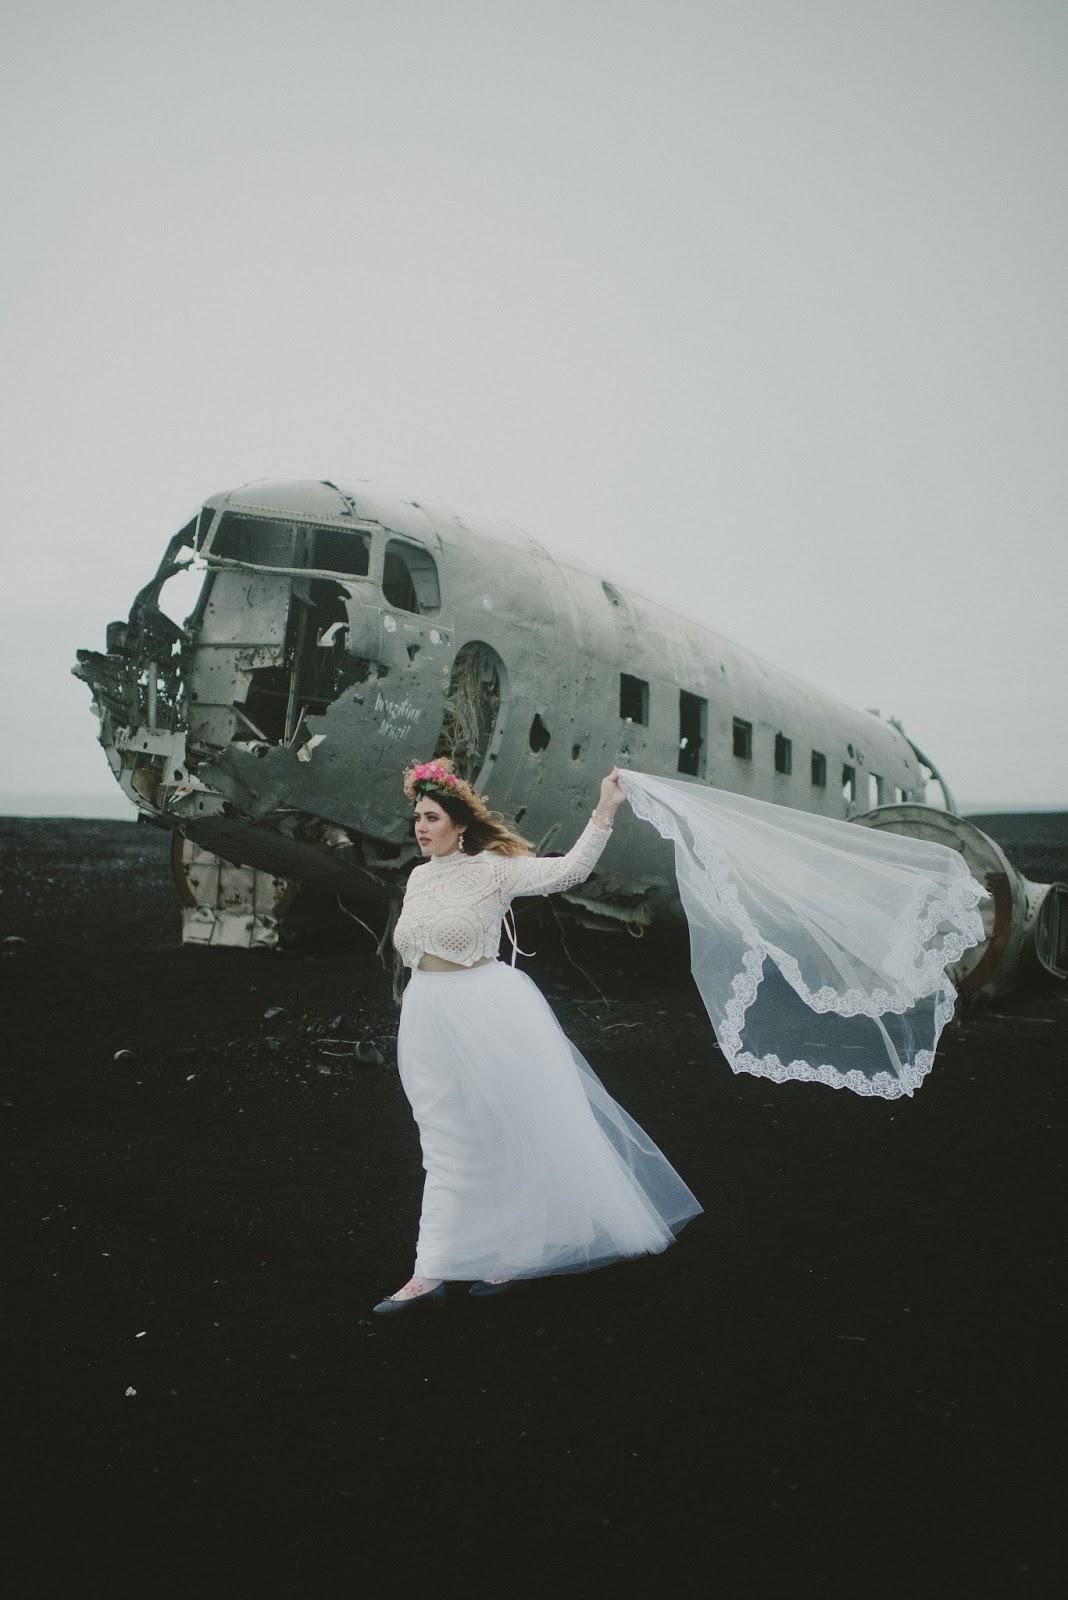 Iceland, plane, wreck, wedding, photos, bride,